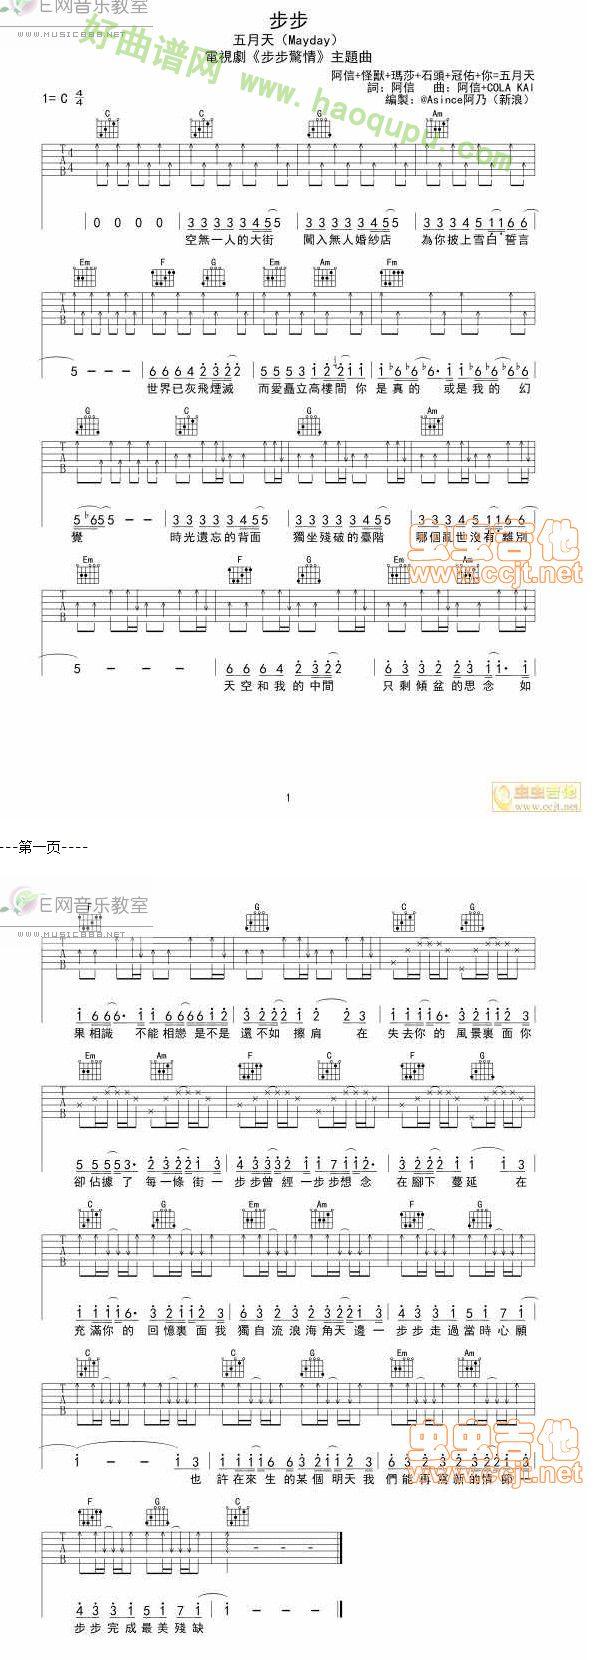 国歌乐谱数字-简单歌谱-幼儿歌曲数高楼简谱